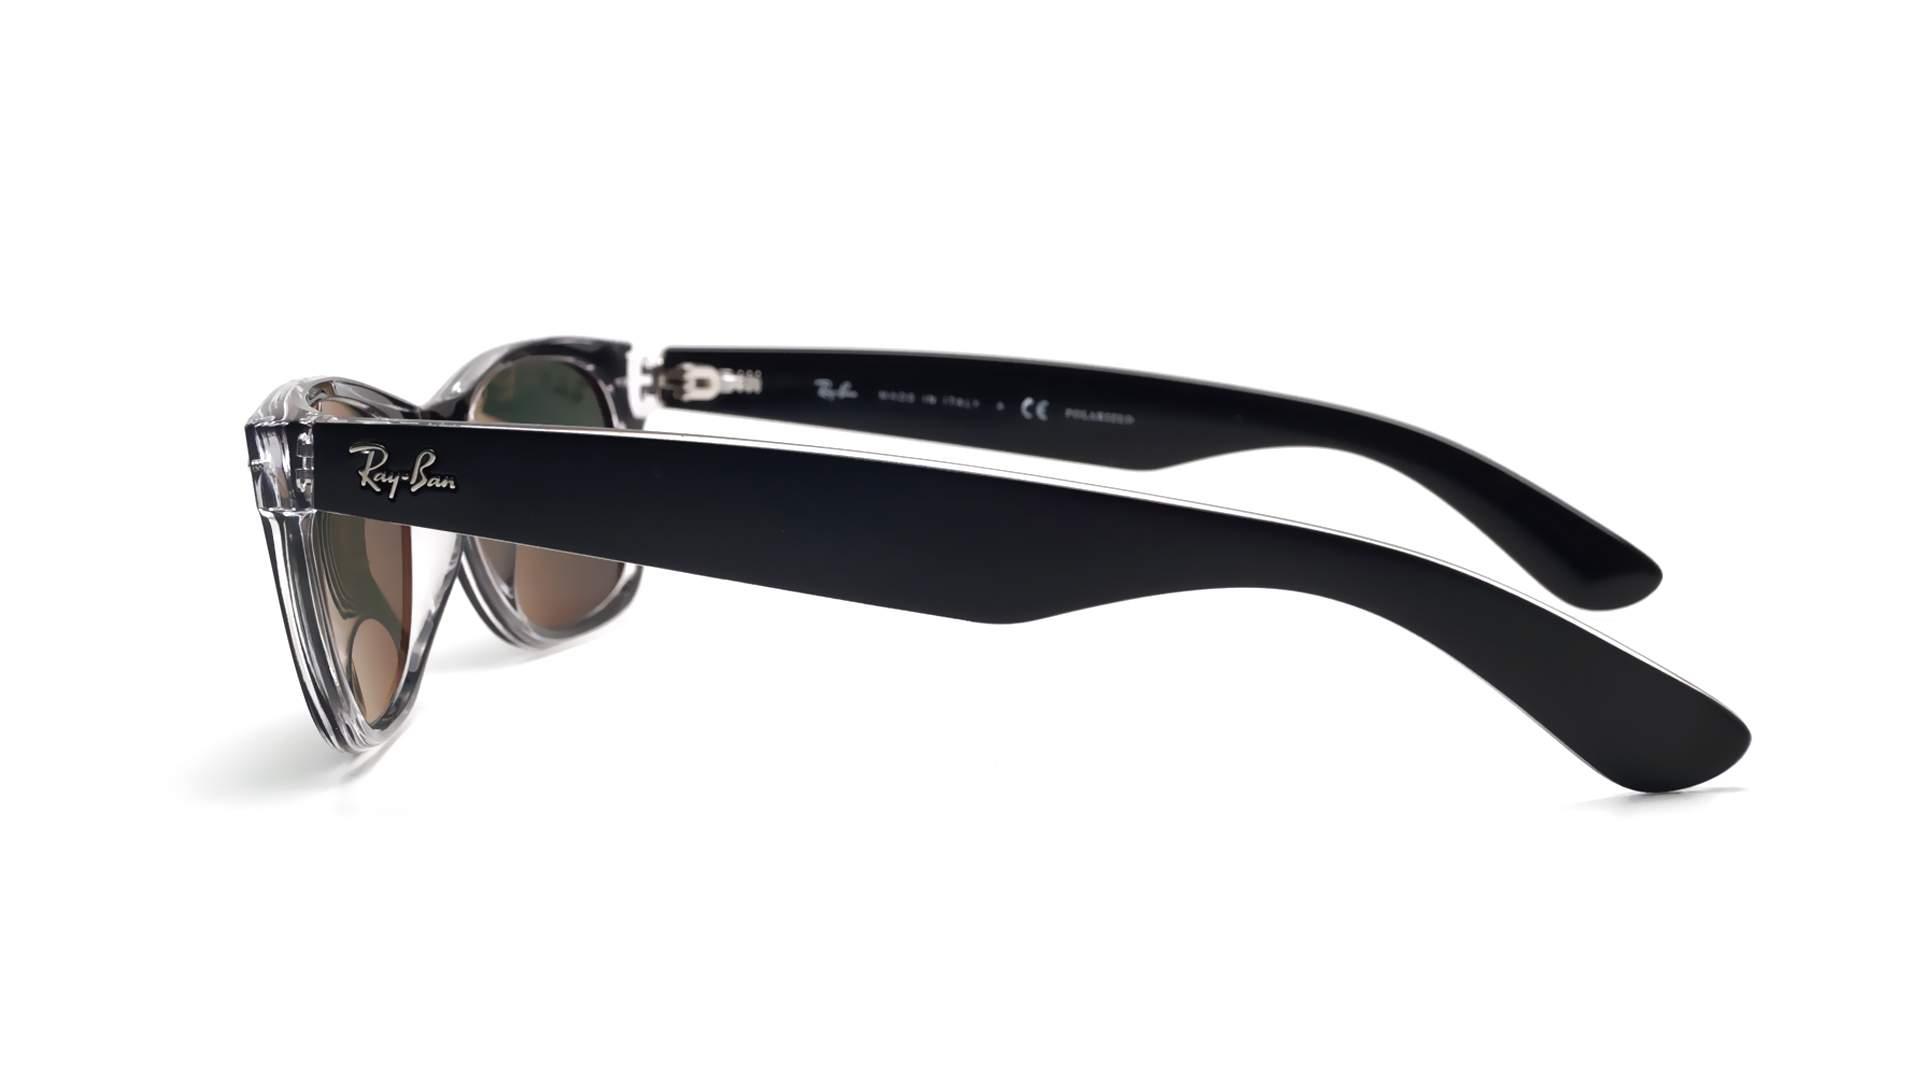 663fec1e54b Sunglasses Ray-Ban New Wayfarer Black RB2132 6052 58 55-18 Large Polarized